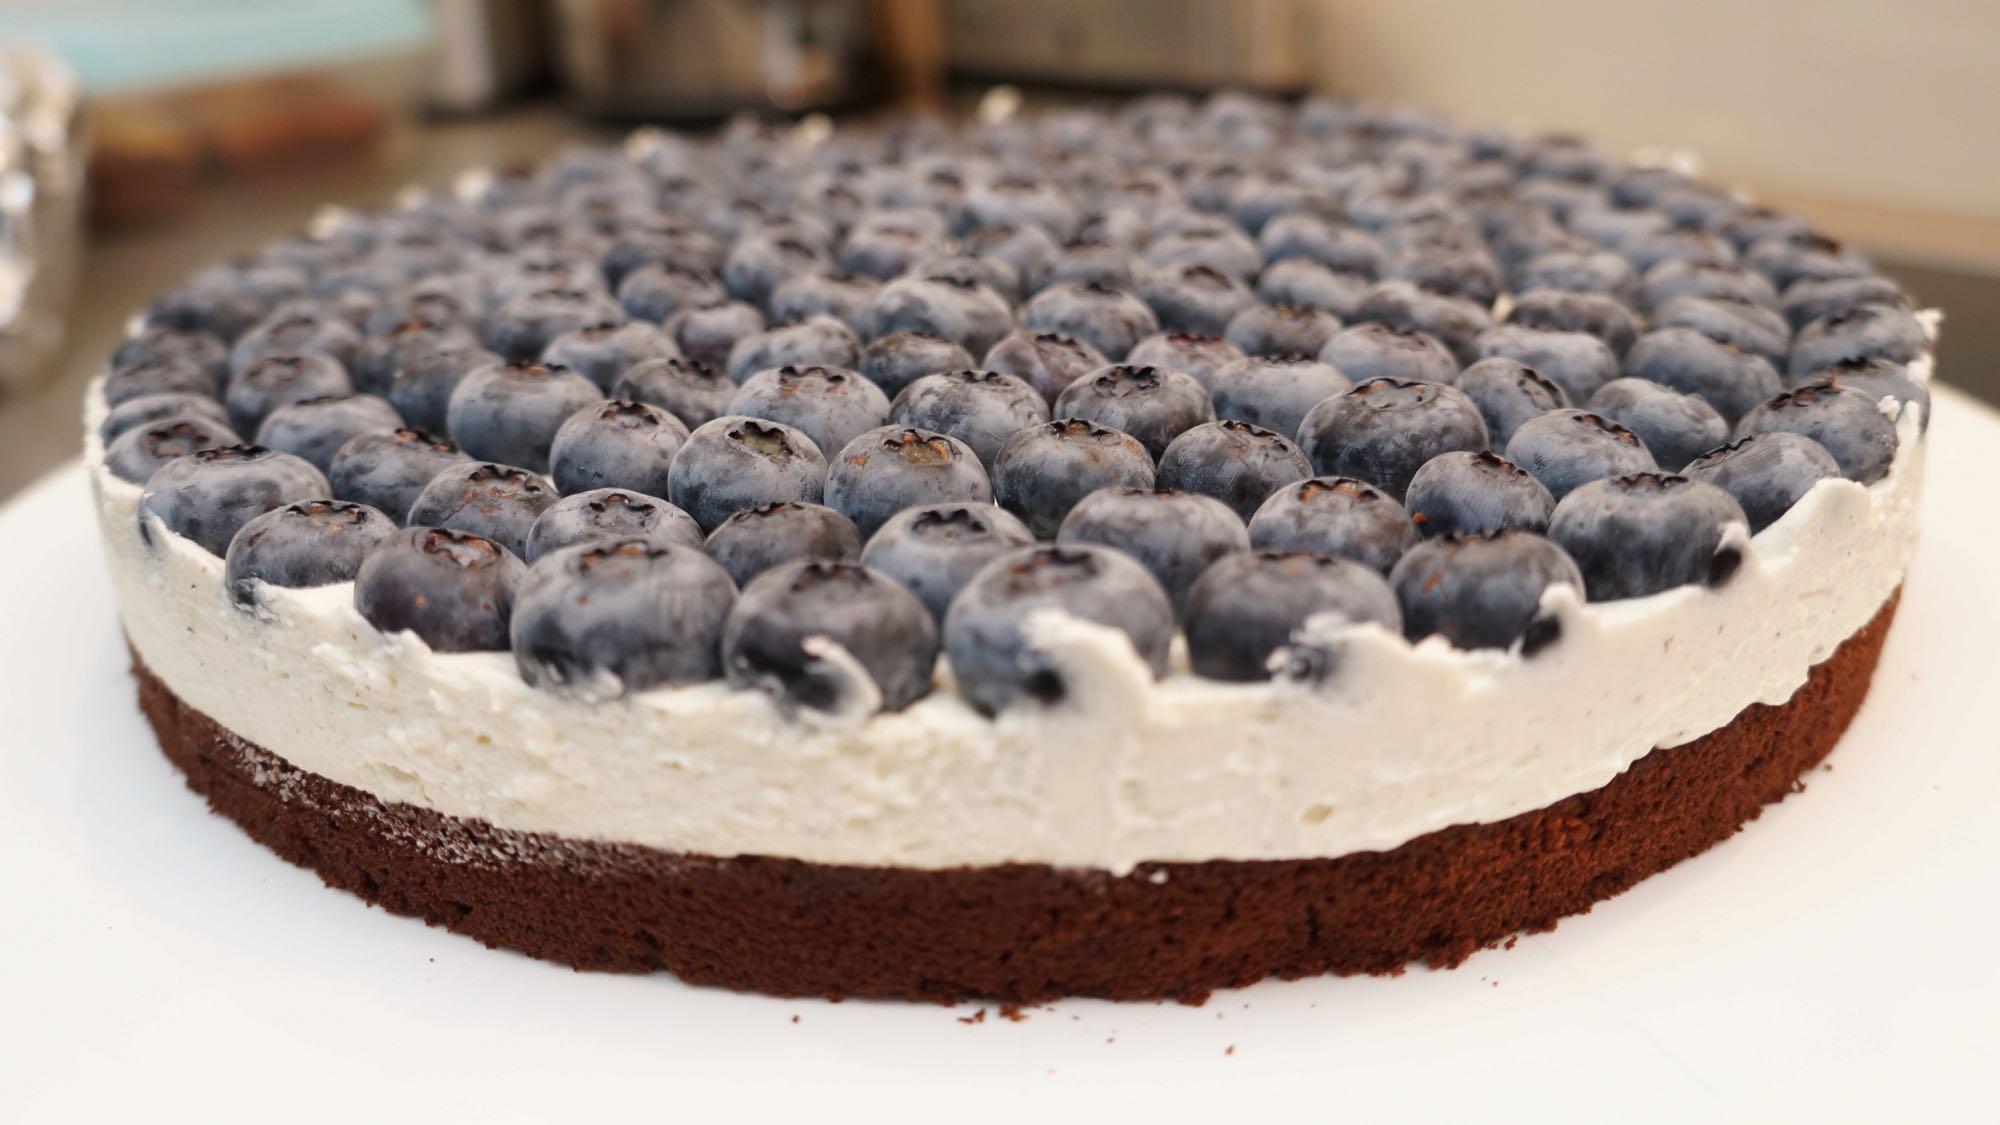 http://beas.kitchen/wp-content/uploads/2016/08/Schoko-Vanille-Blaubeerkuchen-1.jpg